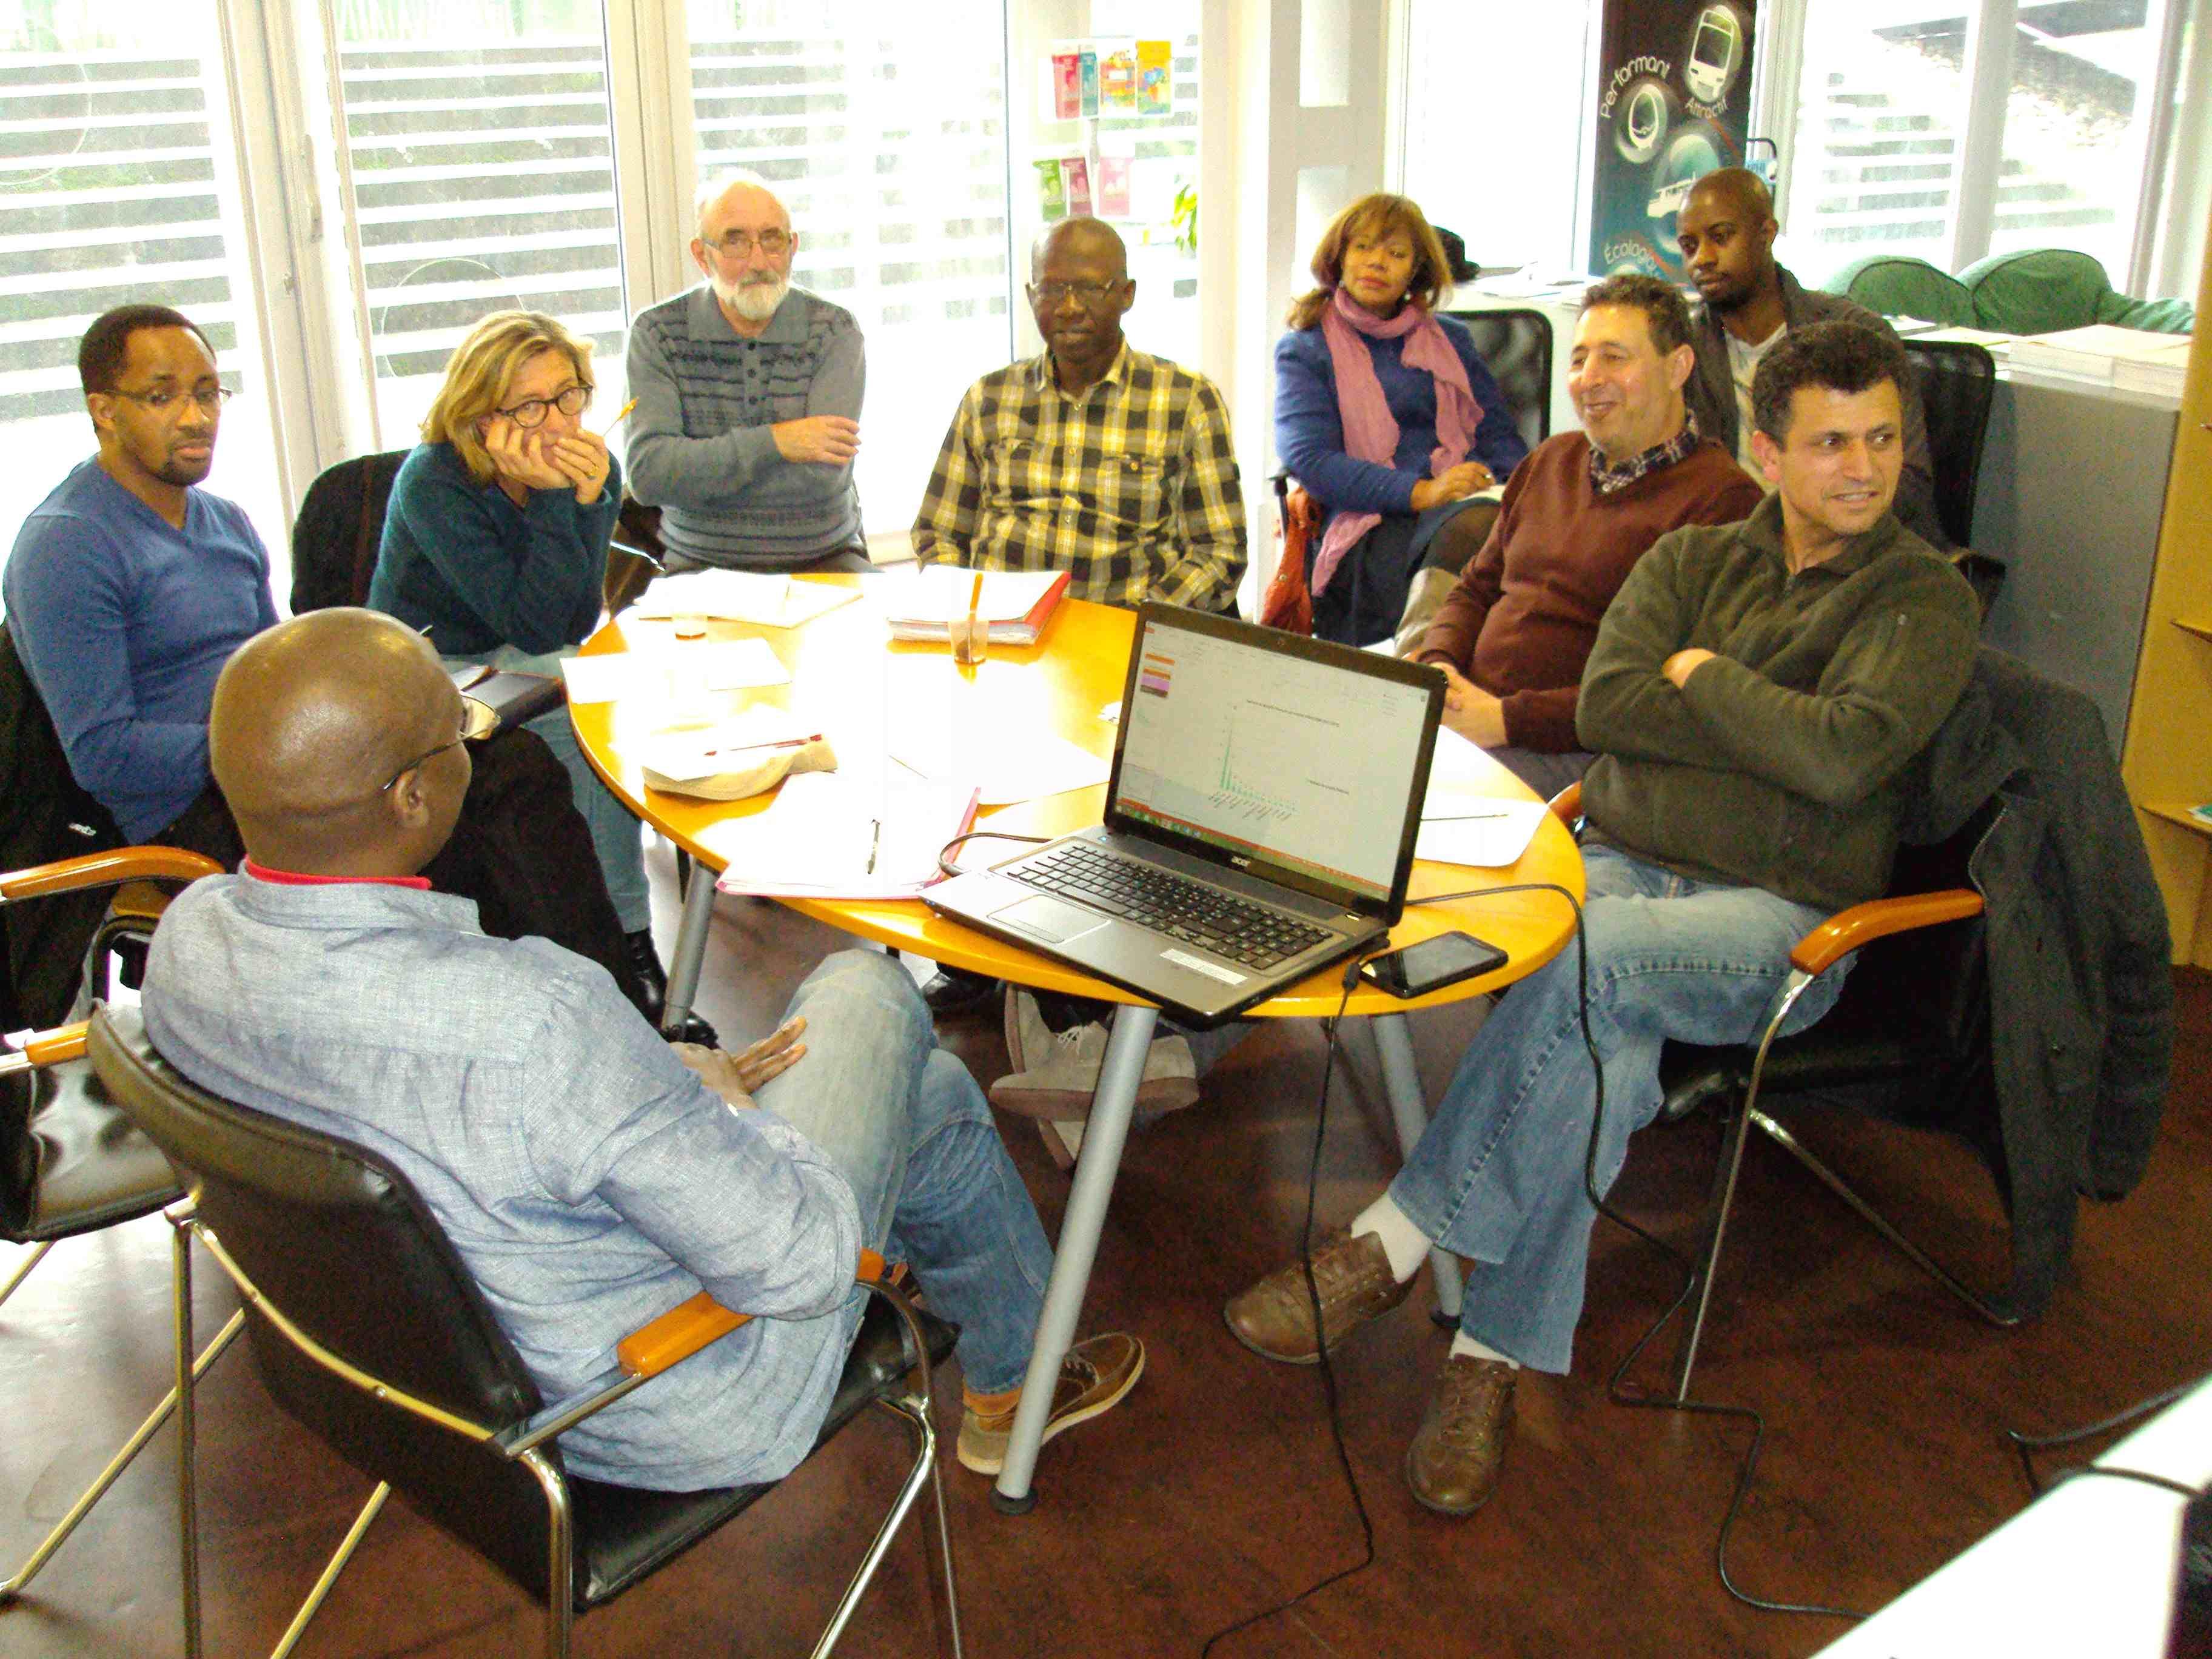 Des membres du COSIM Aquitaine lors d'une réunion d'information (PRA-OSIM 2015)